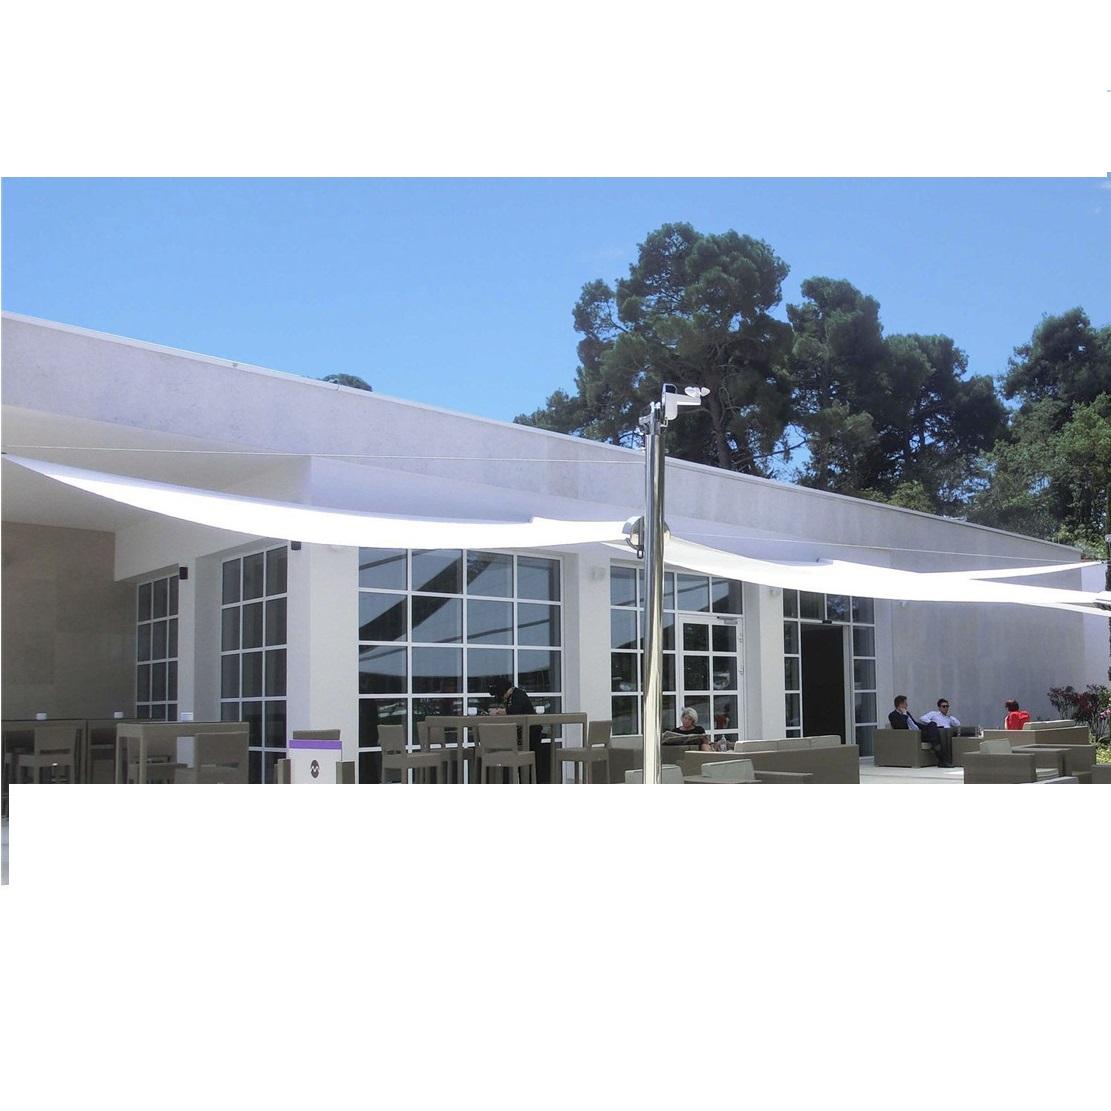 HDPE Voile Matériel et voiles d'ombrage & soleil Nets Type de châssis jardin extérieur ombre net